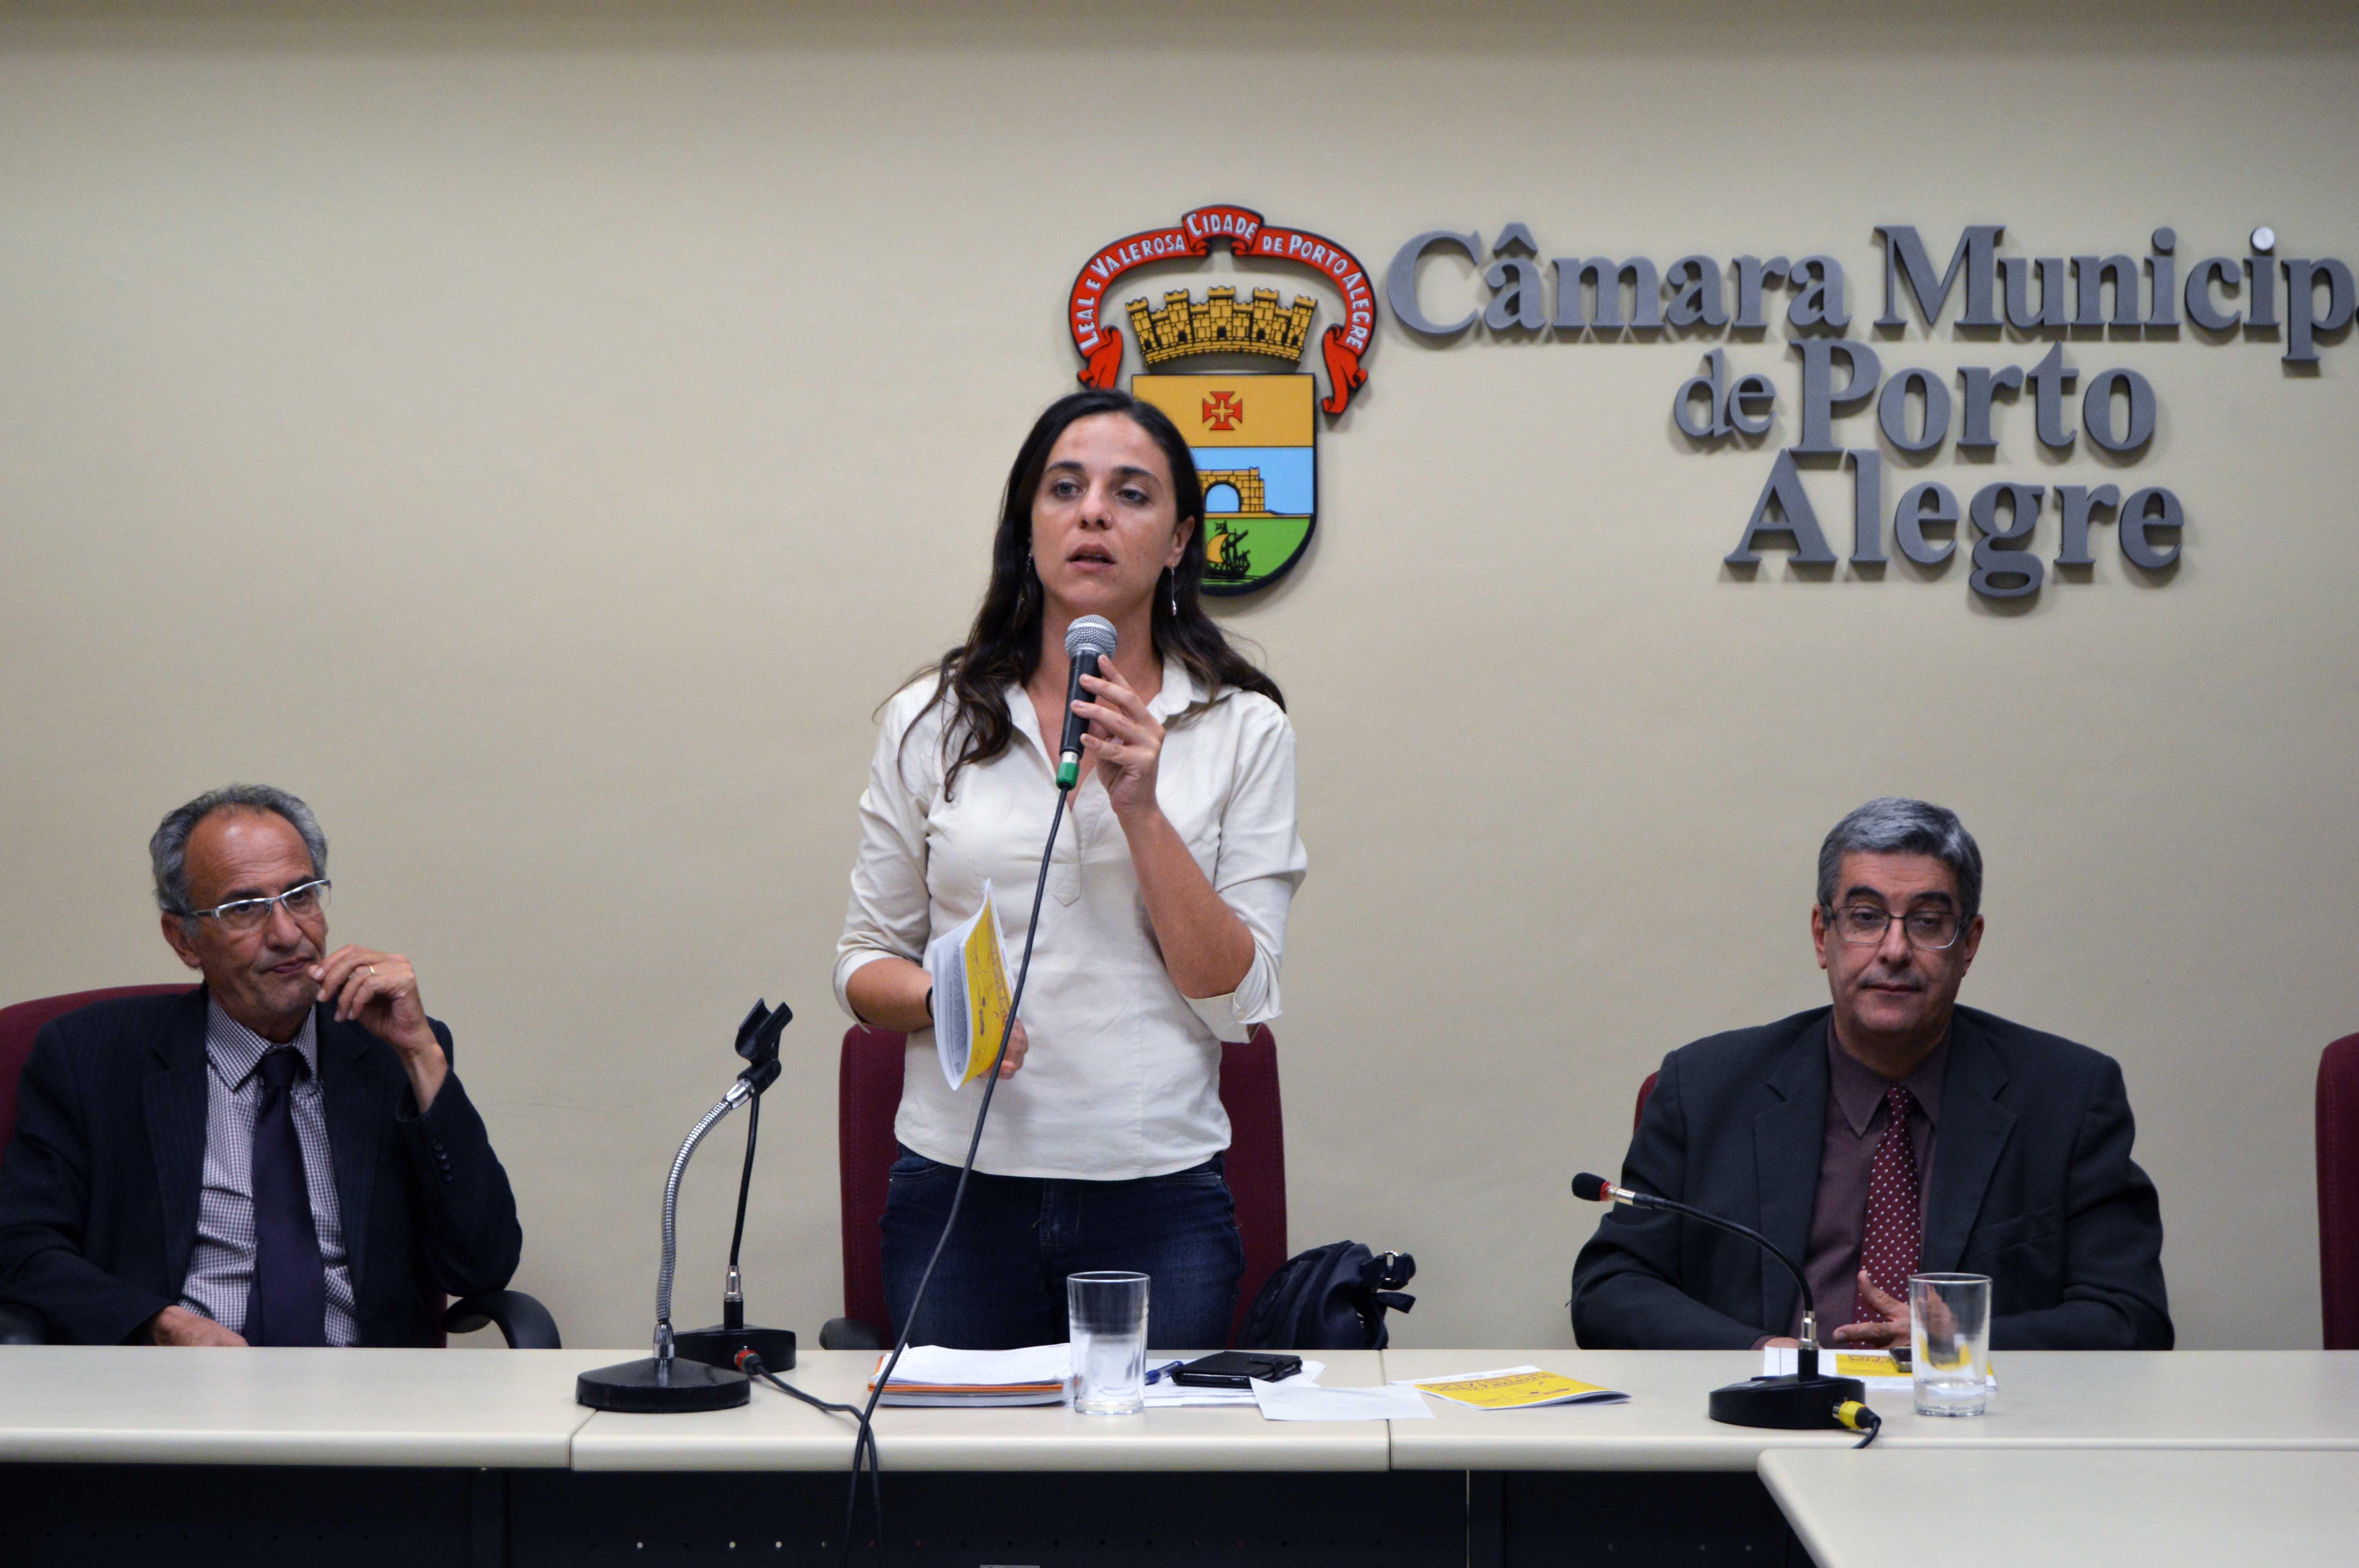 Vereadora Fernanda Melchionna solicita reunião ao TCE/RS diante da gravidade das ameaças da Prefeitura ao funcionalismo na capital